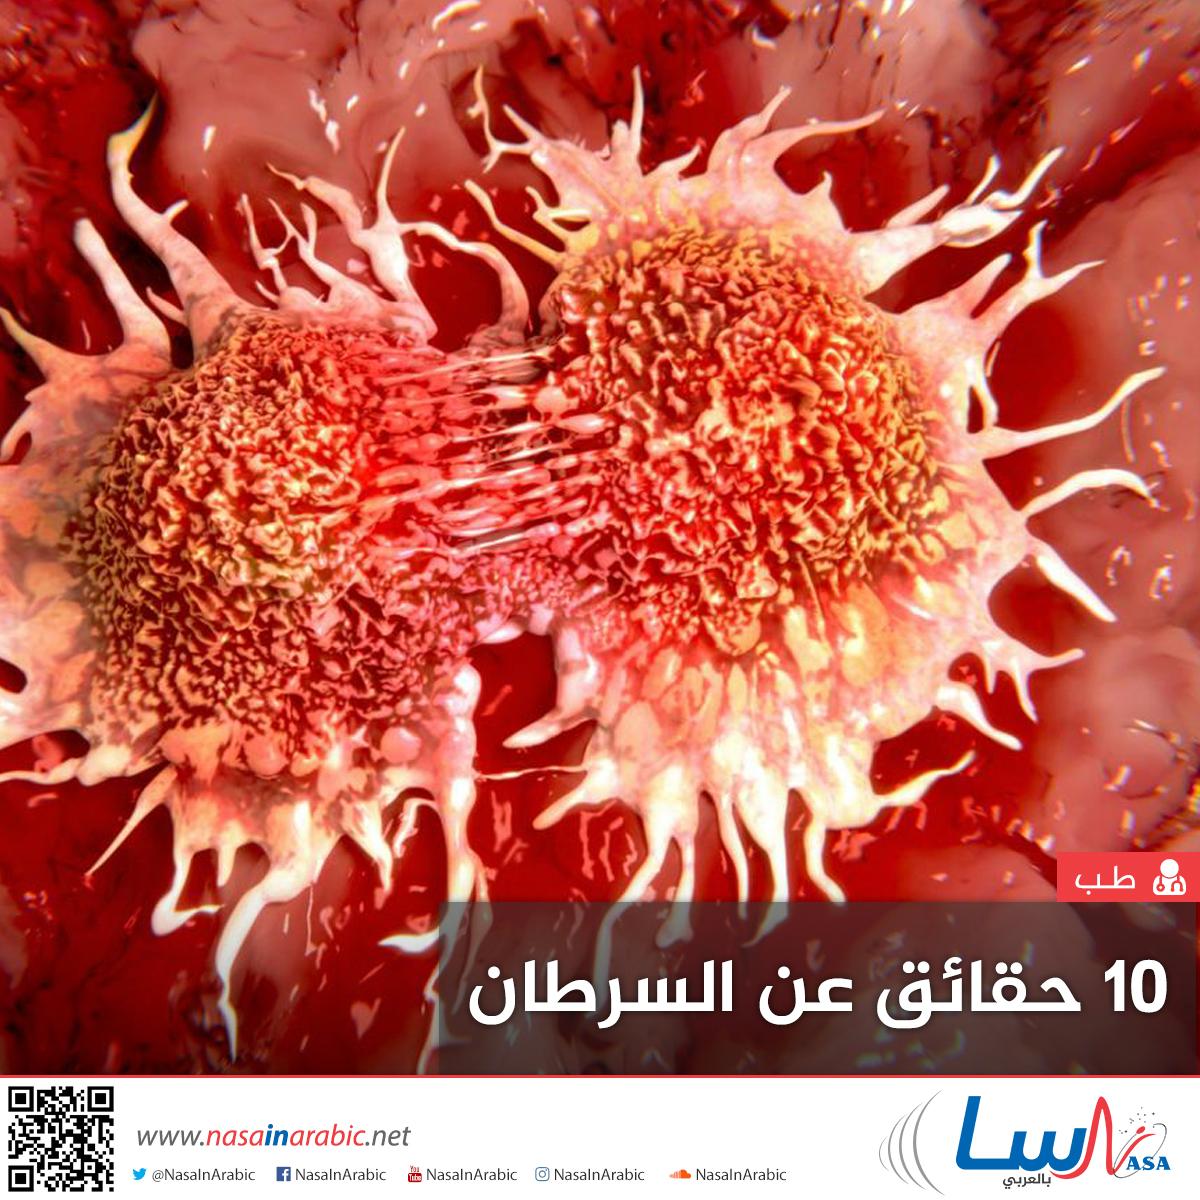 10 حقائق عن السرطان